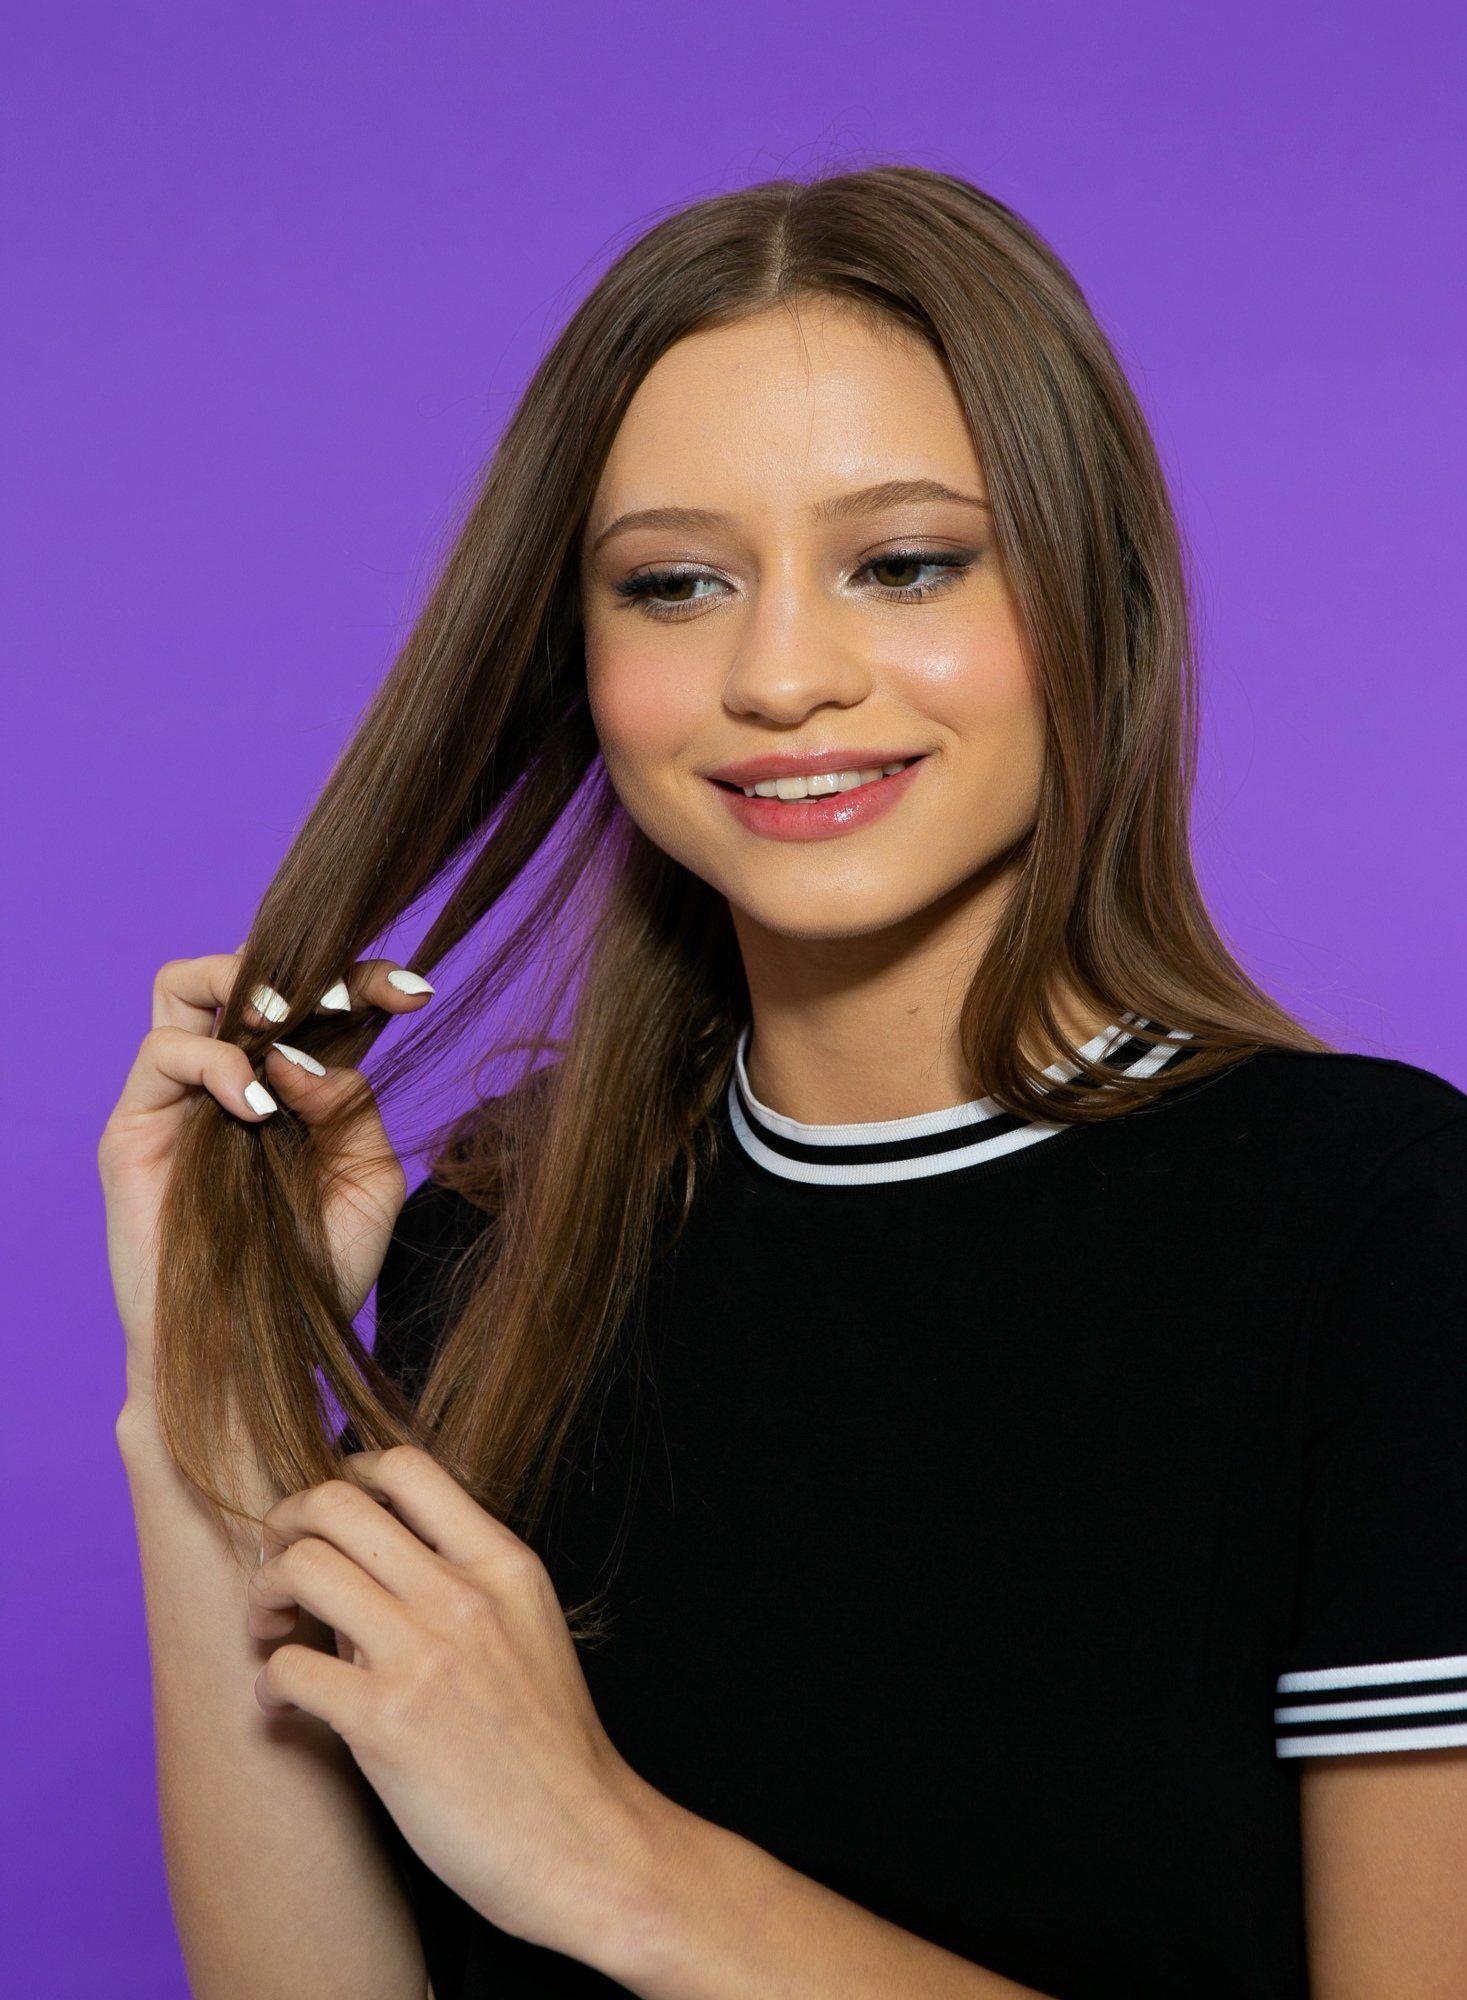 modelo penteando o cabelo longo com os dedos